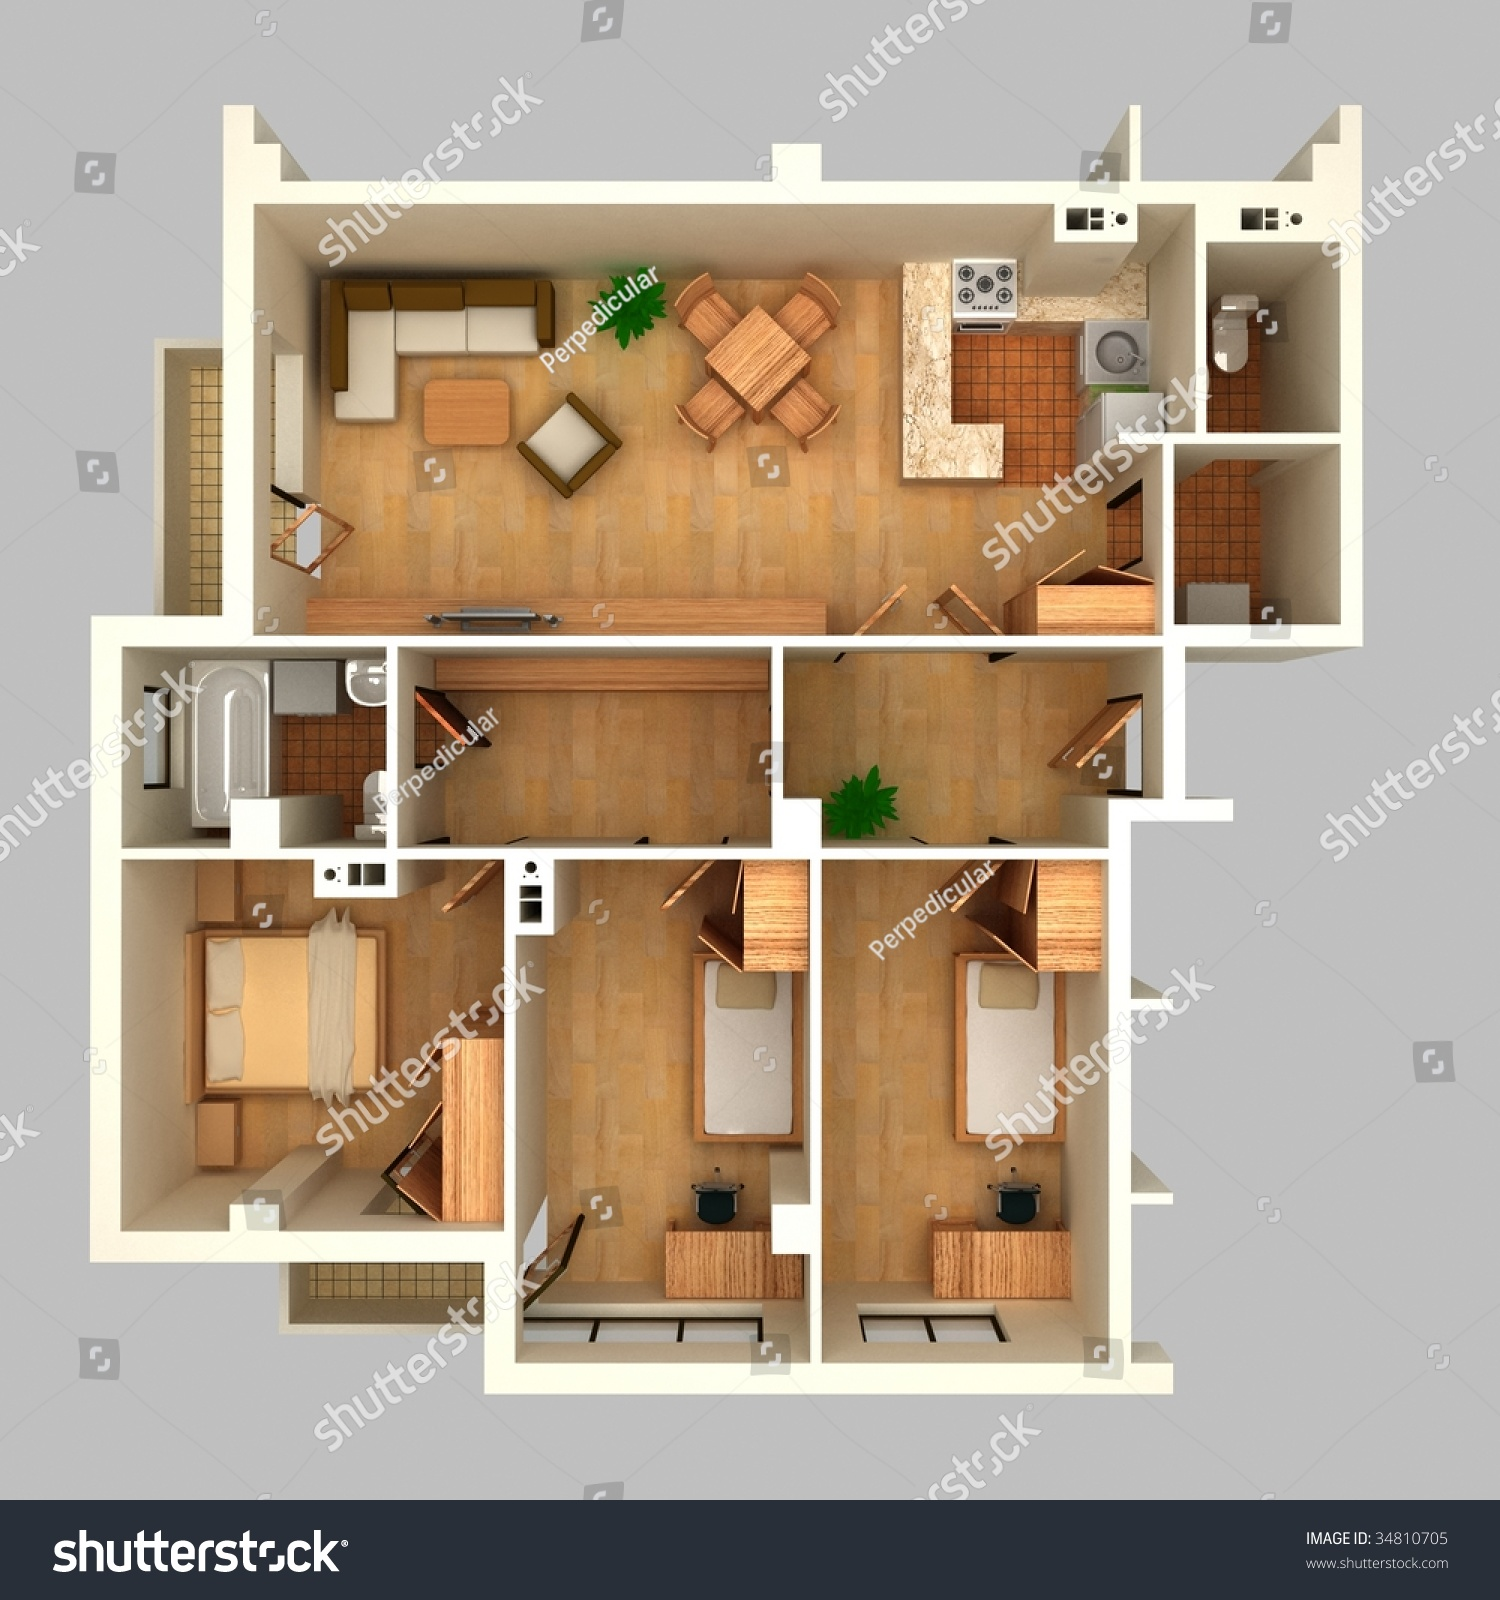 Floor Plan Perspective View Stock Illustration Shutterstock